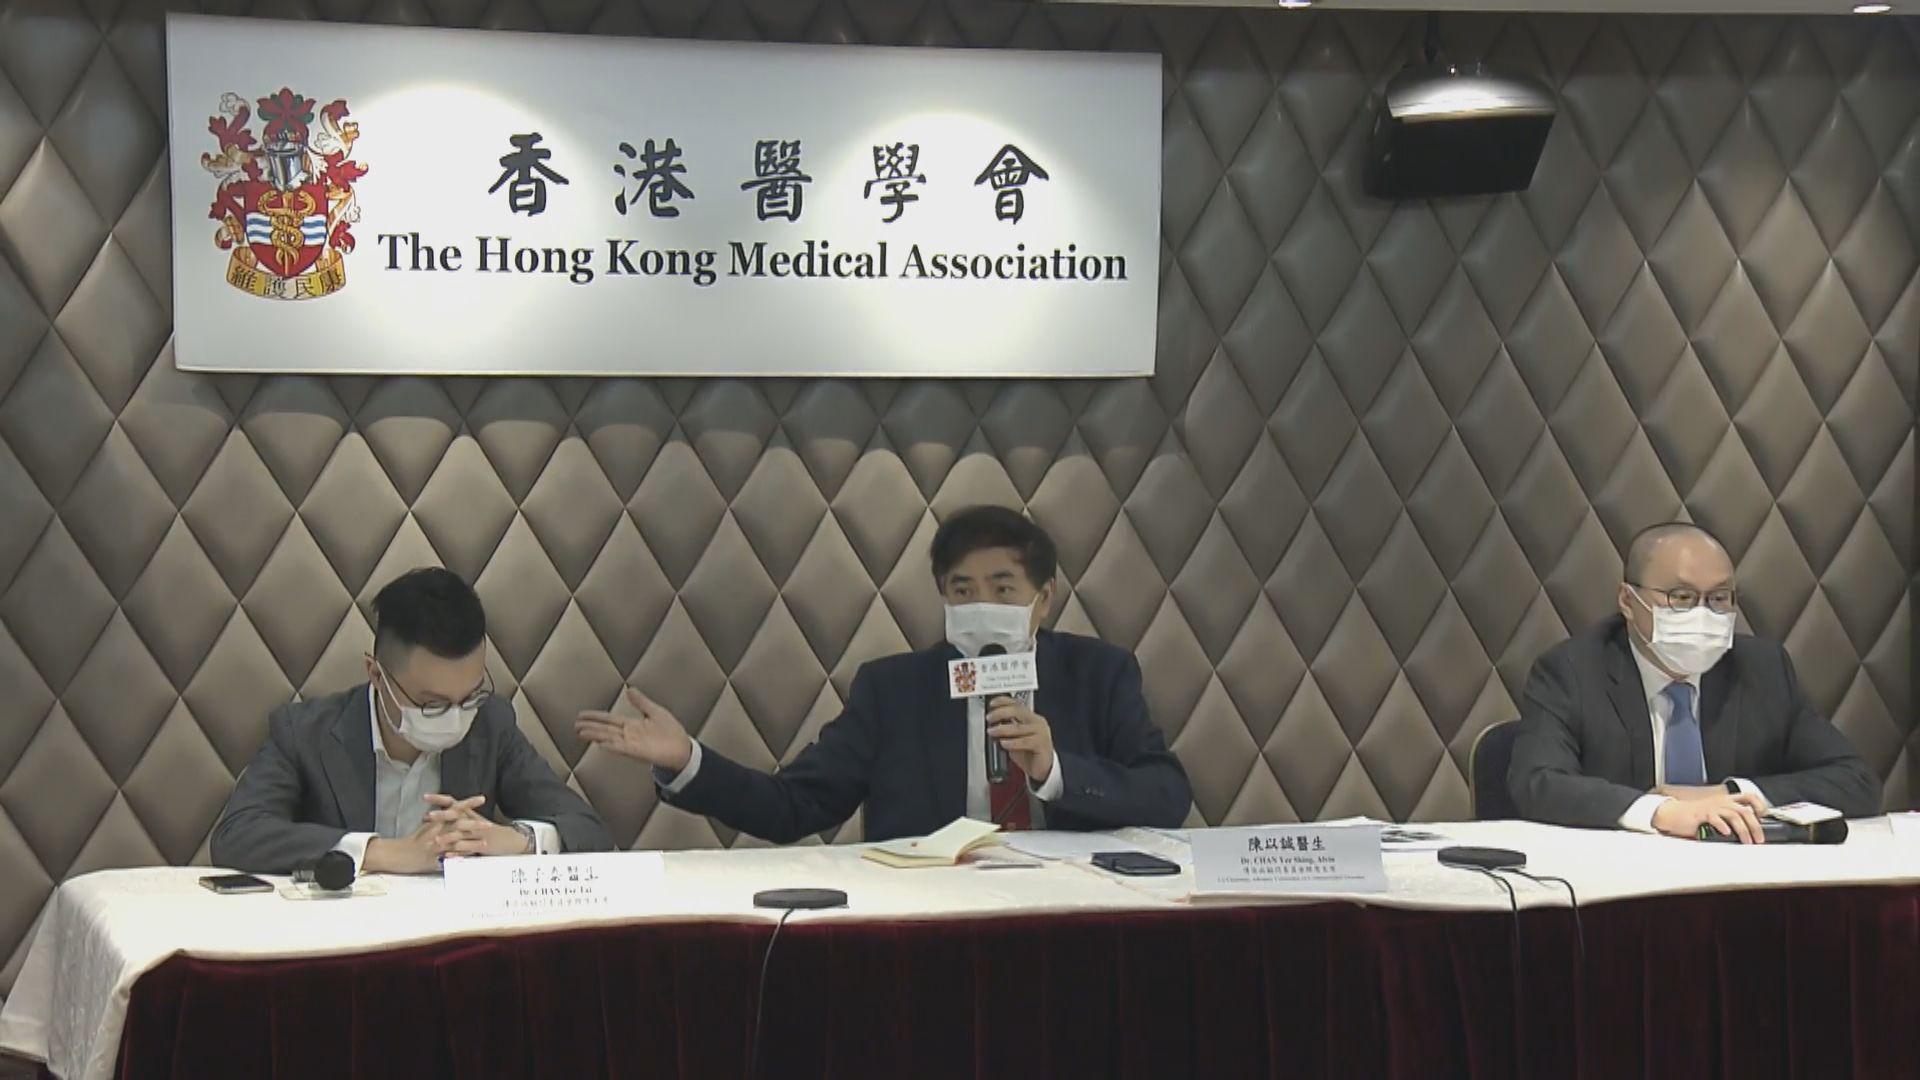 醫學會:全民檢測之外 應繼續為高危群組測試